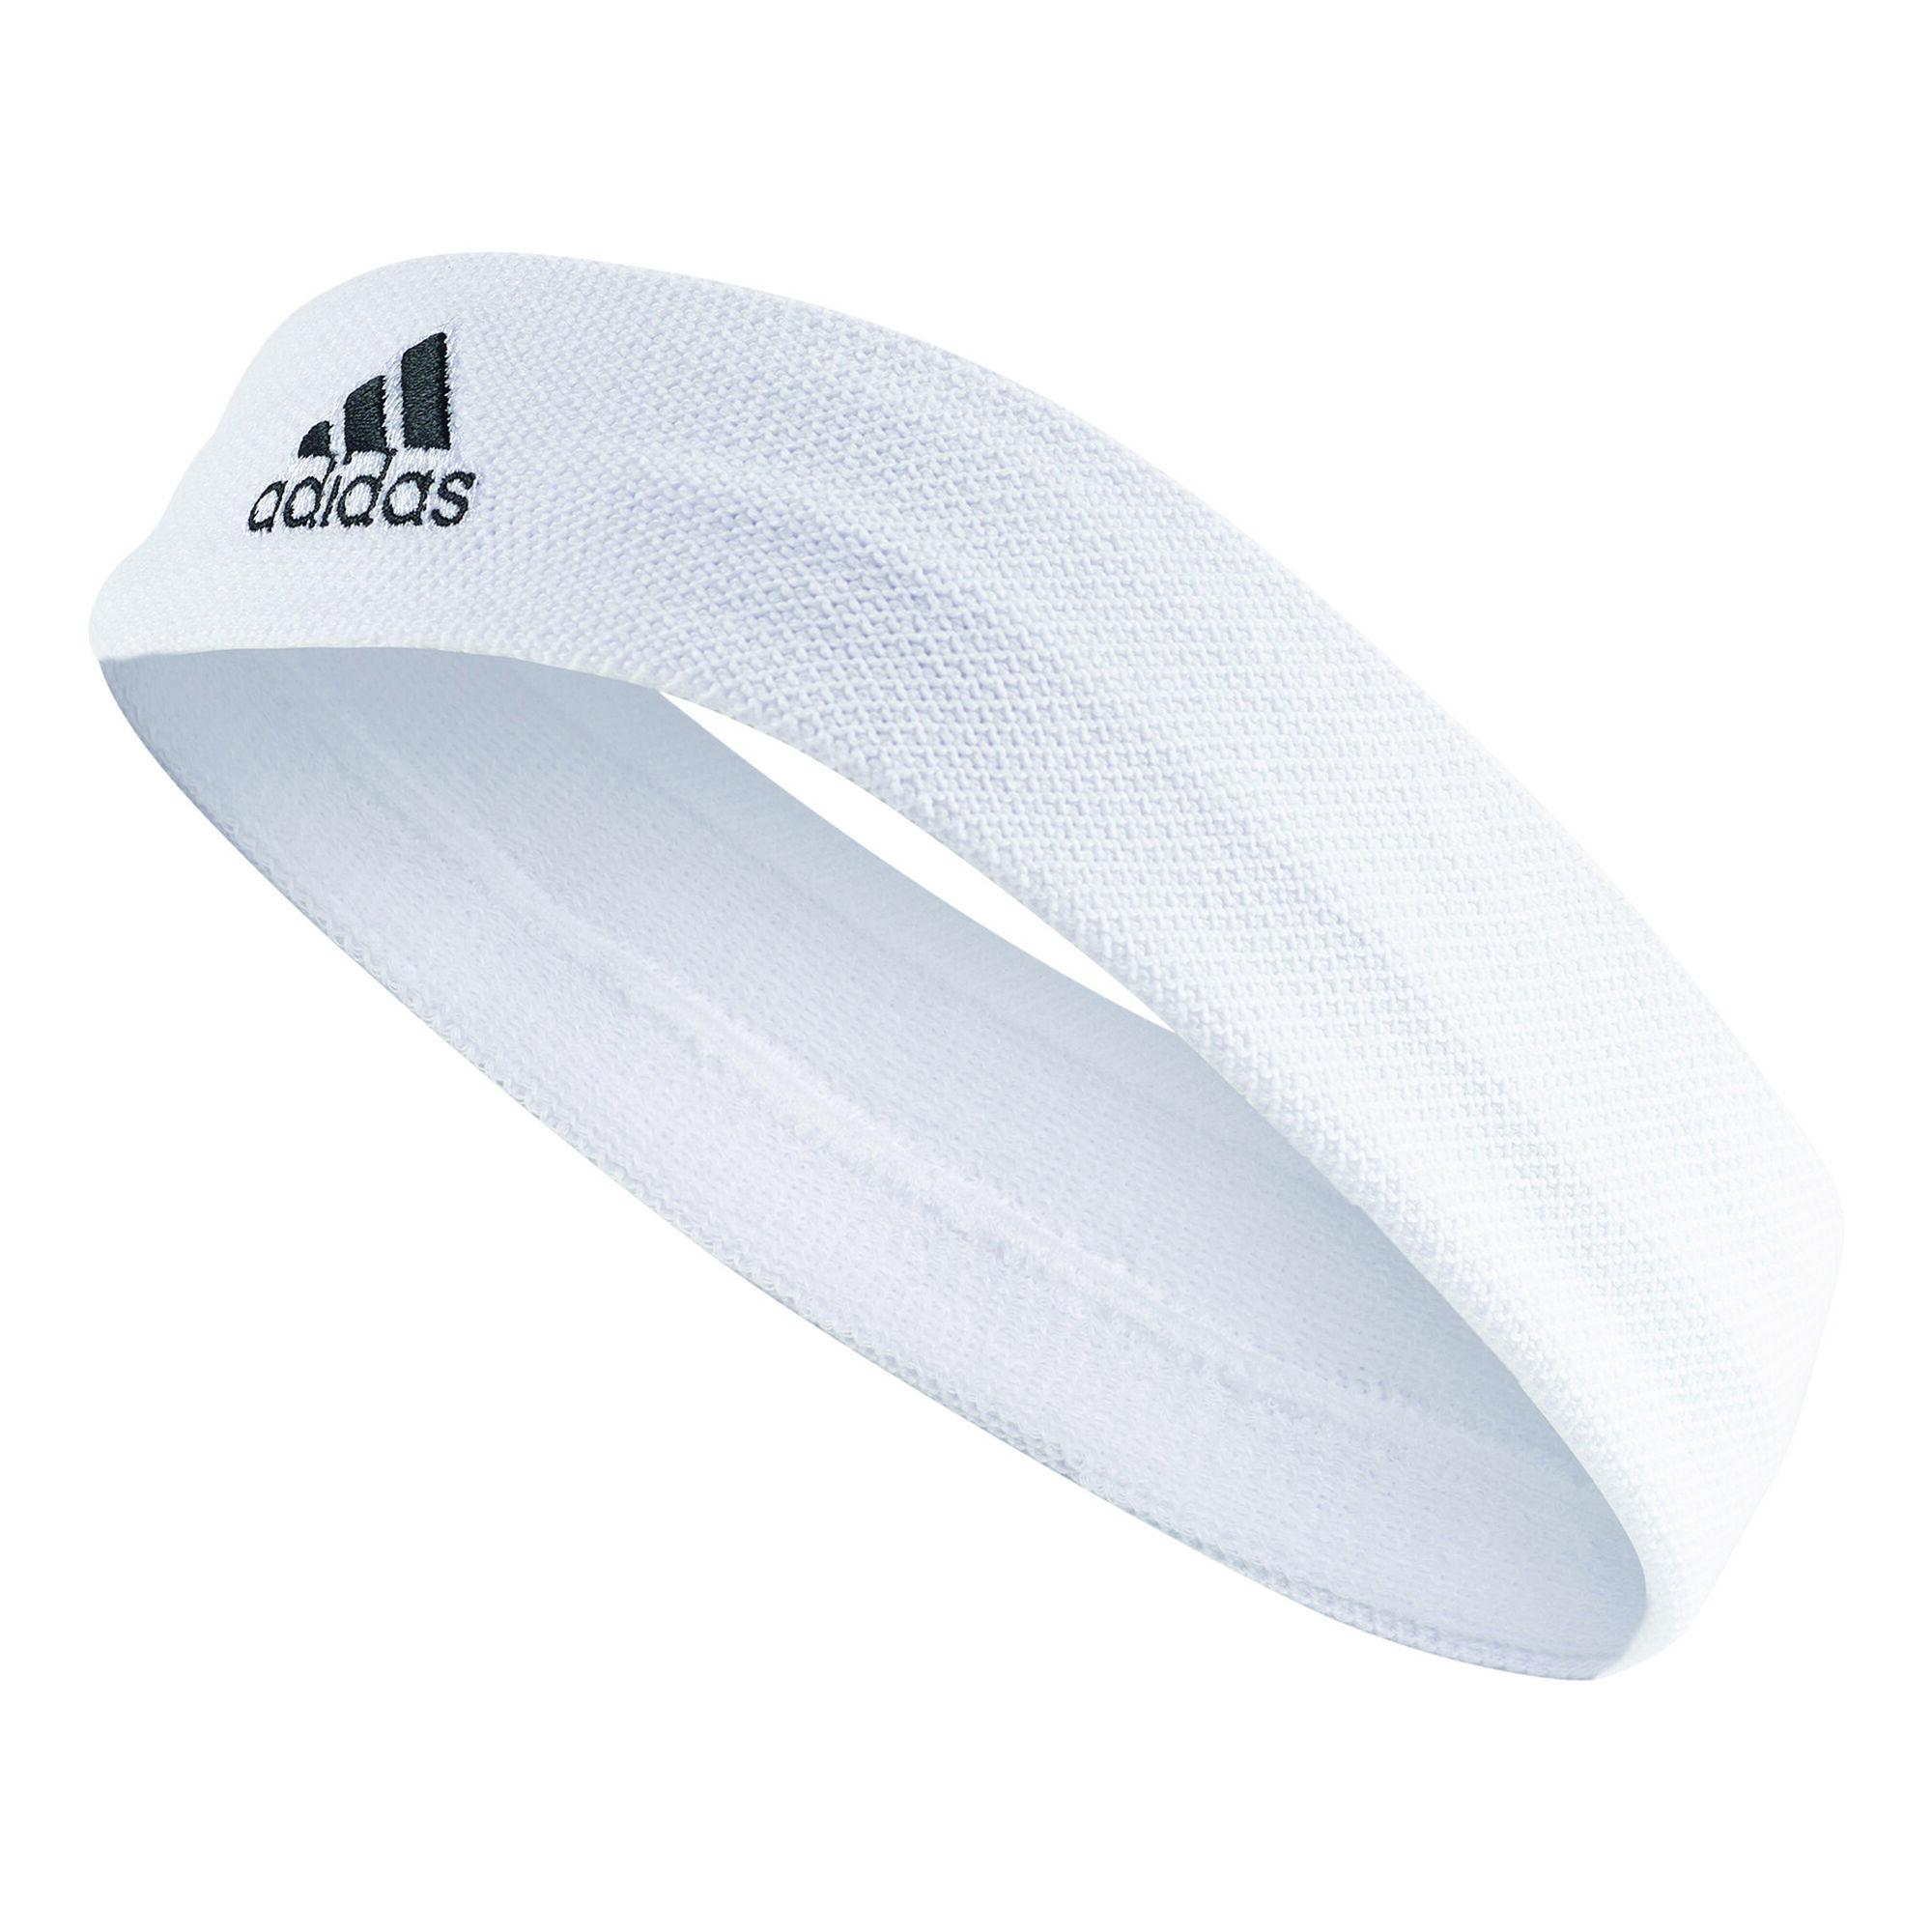 4954bfe9566 adidas Tennis Pandebånd - Hvid, Sort køb online | Tennis-Point